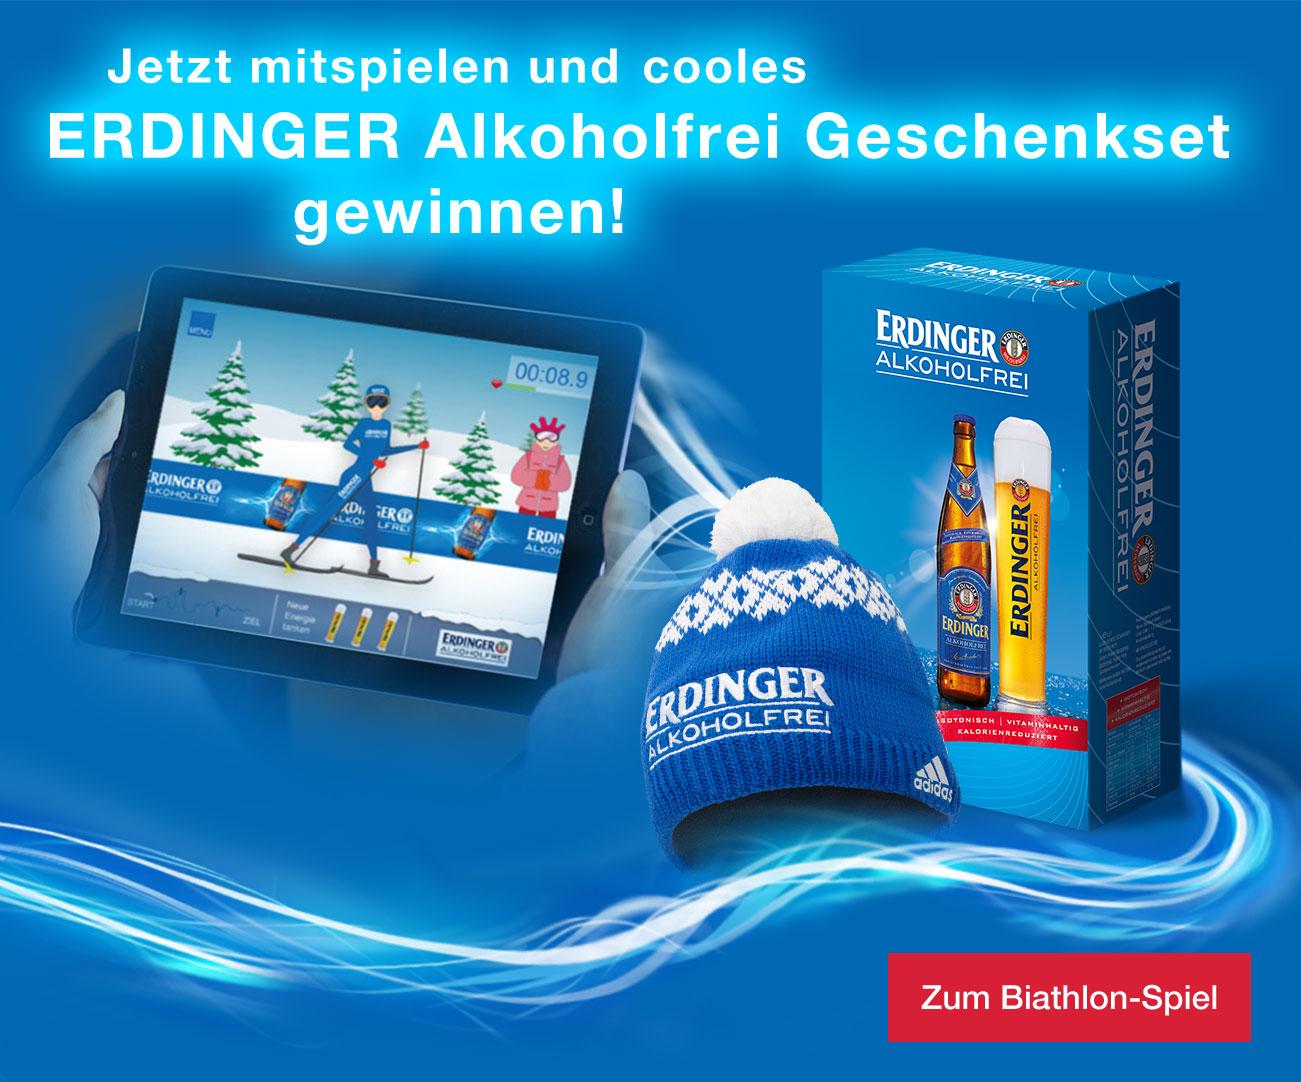 Gewinne jetzt ein ERDINGER Alkoholfrei Geschenkset!